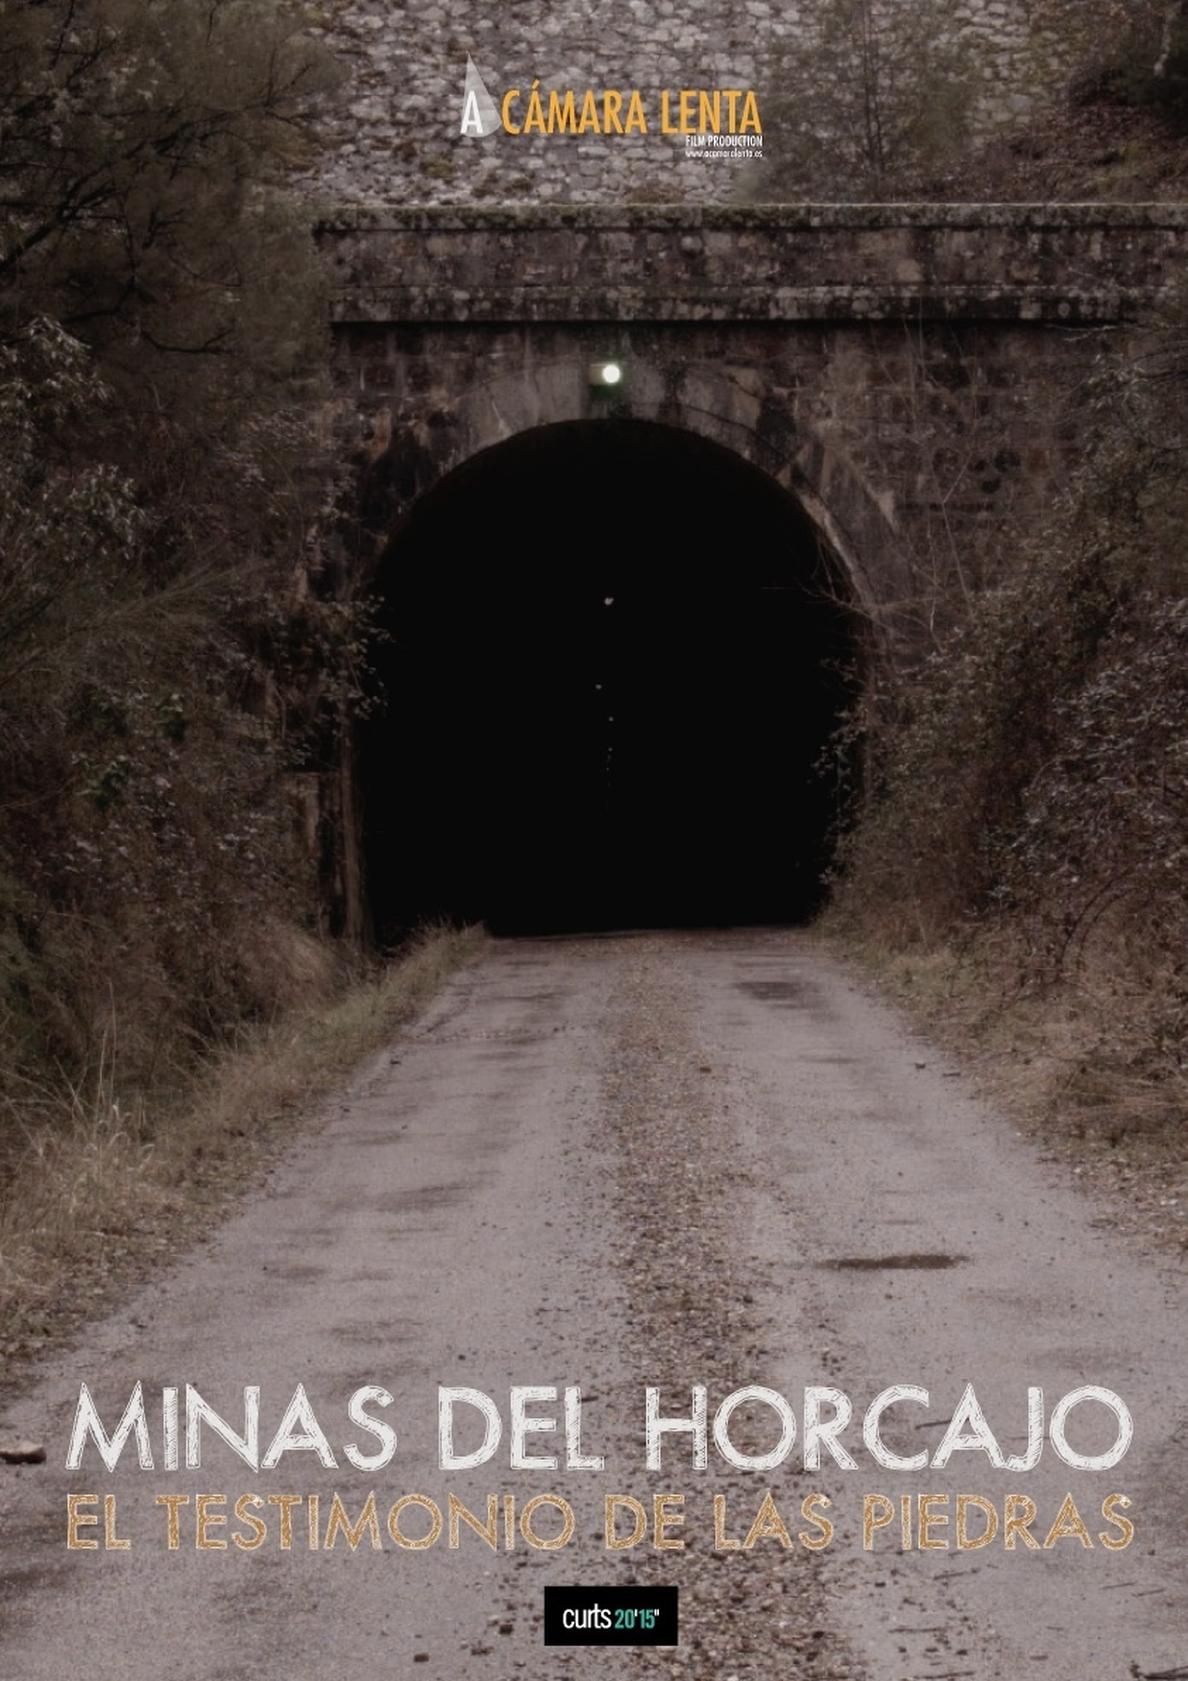 El documental »Minas del Horcajo», seleccionado por CulturArts del Instituto Valenciano del Audiovisual y la Cinematogra